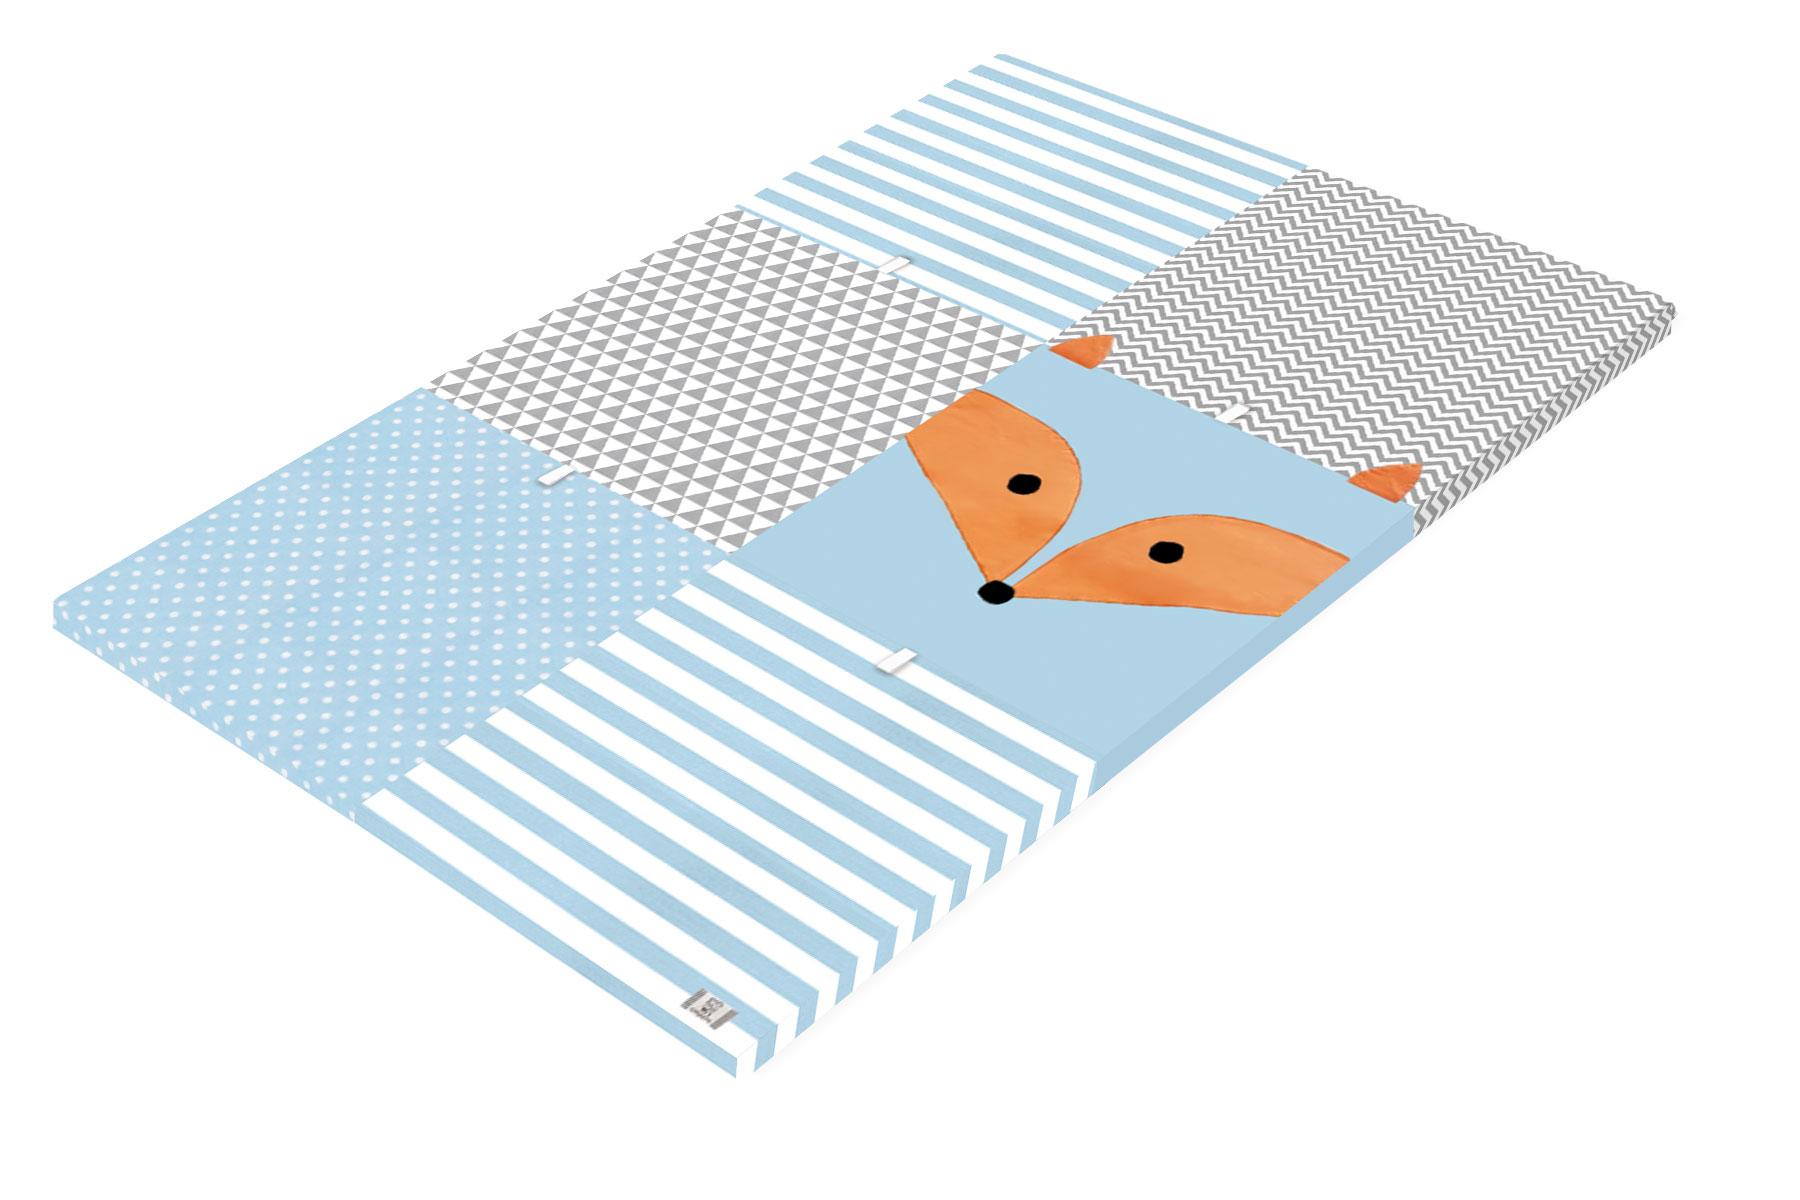 משטח פעילות לתינוק- דגם שועל  - קטן